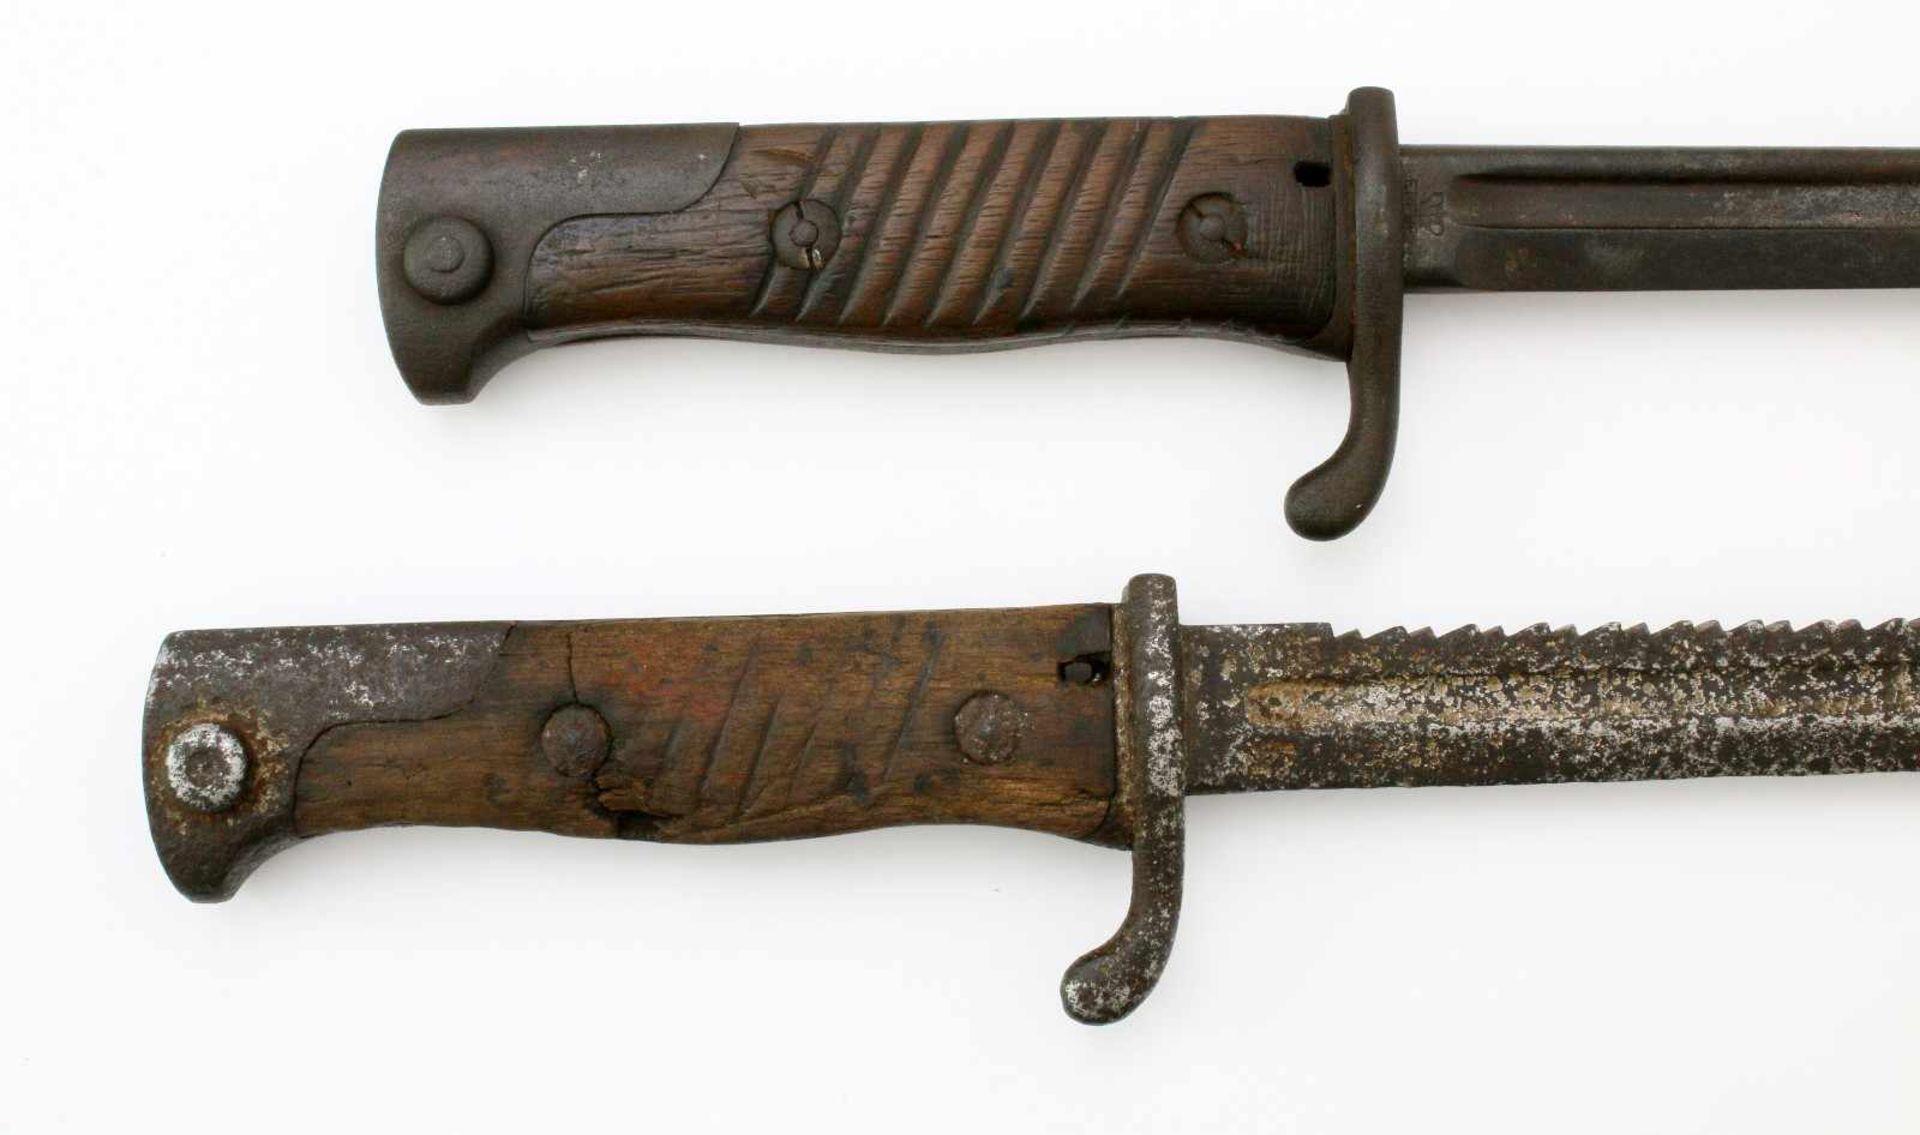 Deutsches Reich / Preußen - 2 Seitengewehre M18981x SG 1898, Steckrücken-Klinge mit Schör, - Bild 3 aus 4